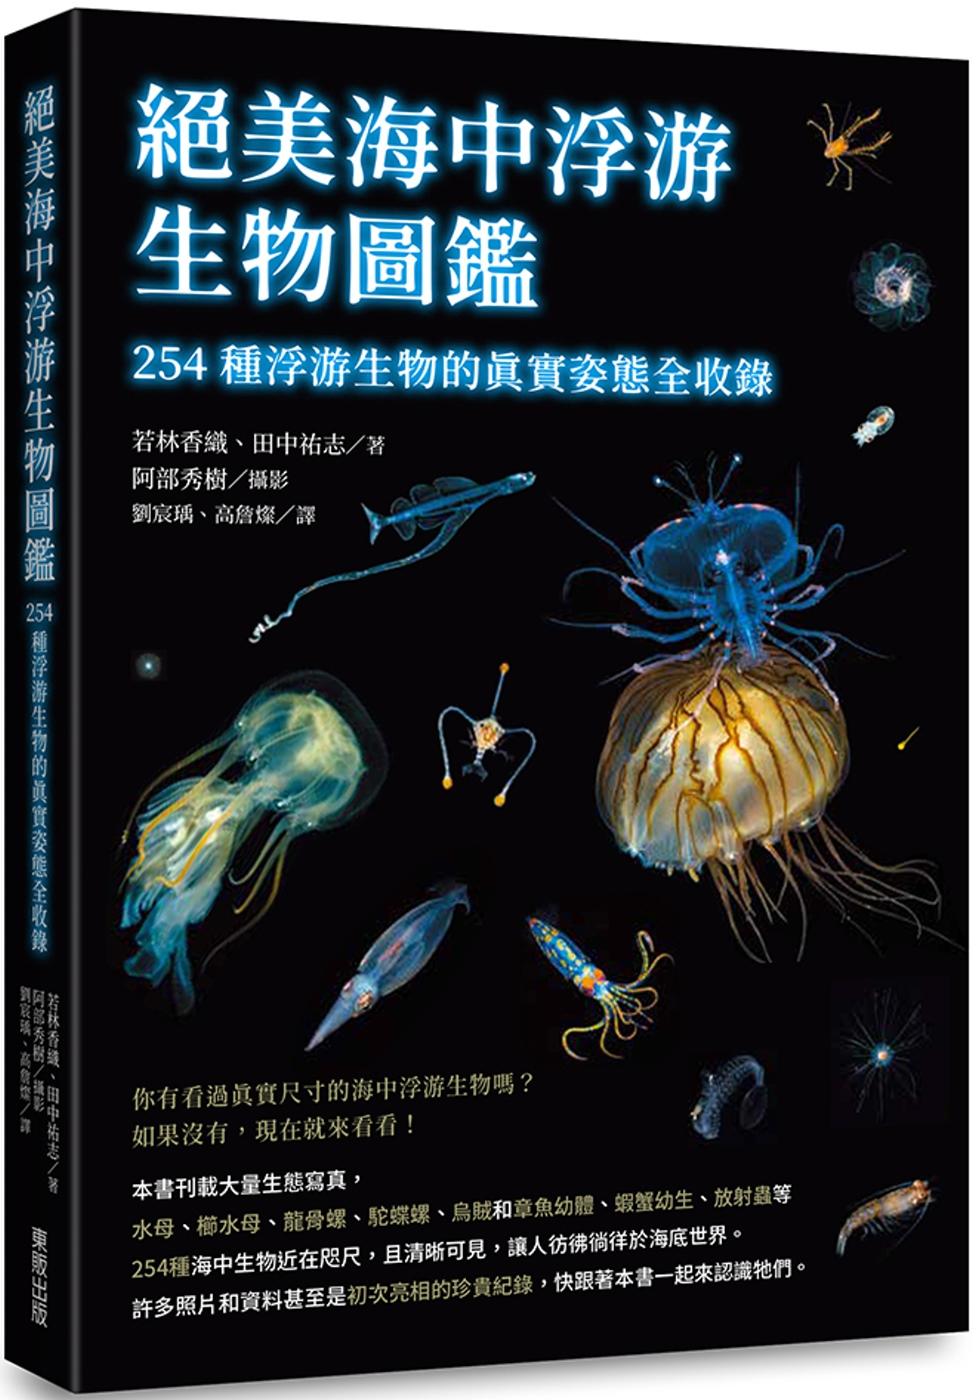 絕美海中浮游生物圖鑑:254種浮游生物的真實姿態全收錄